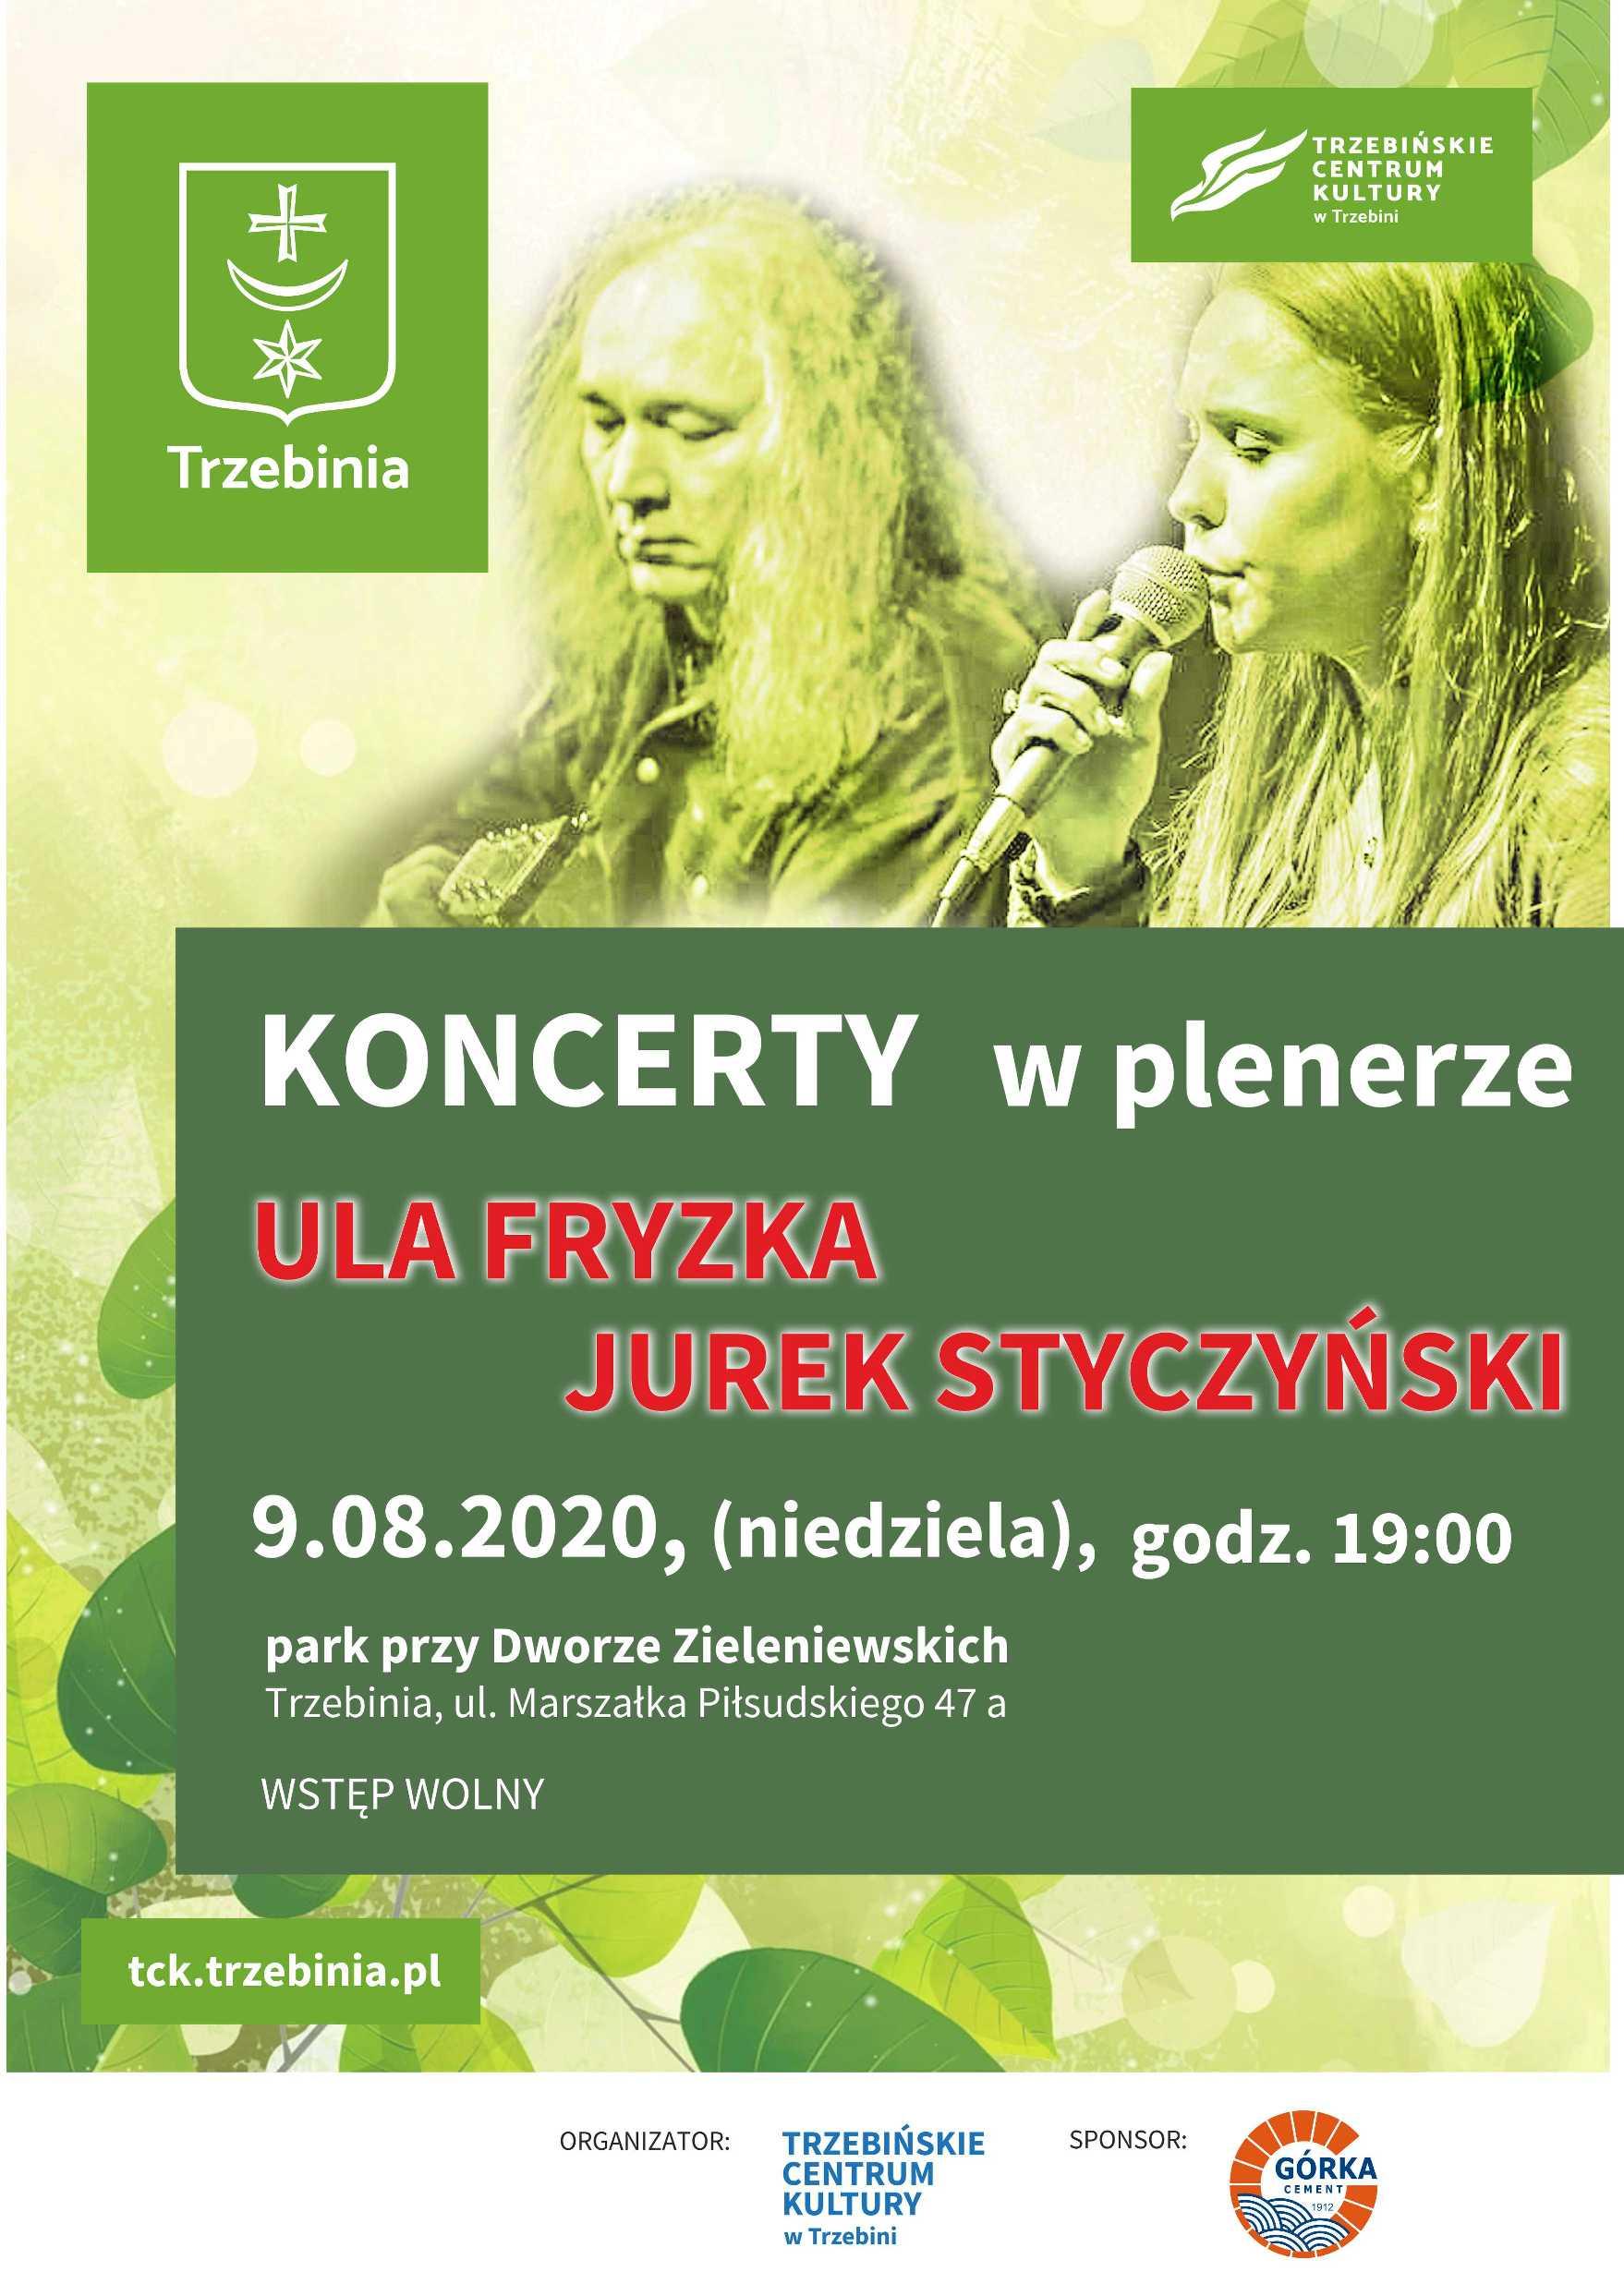 Koncert w plenerze - Ula Fryzka i Jurek Styczyński